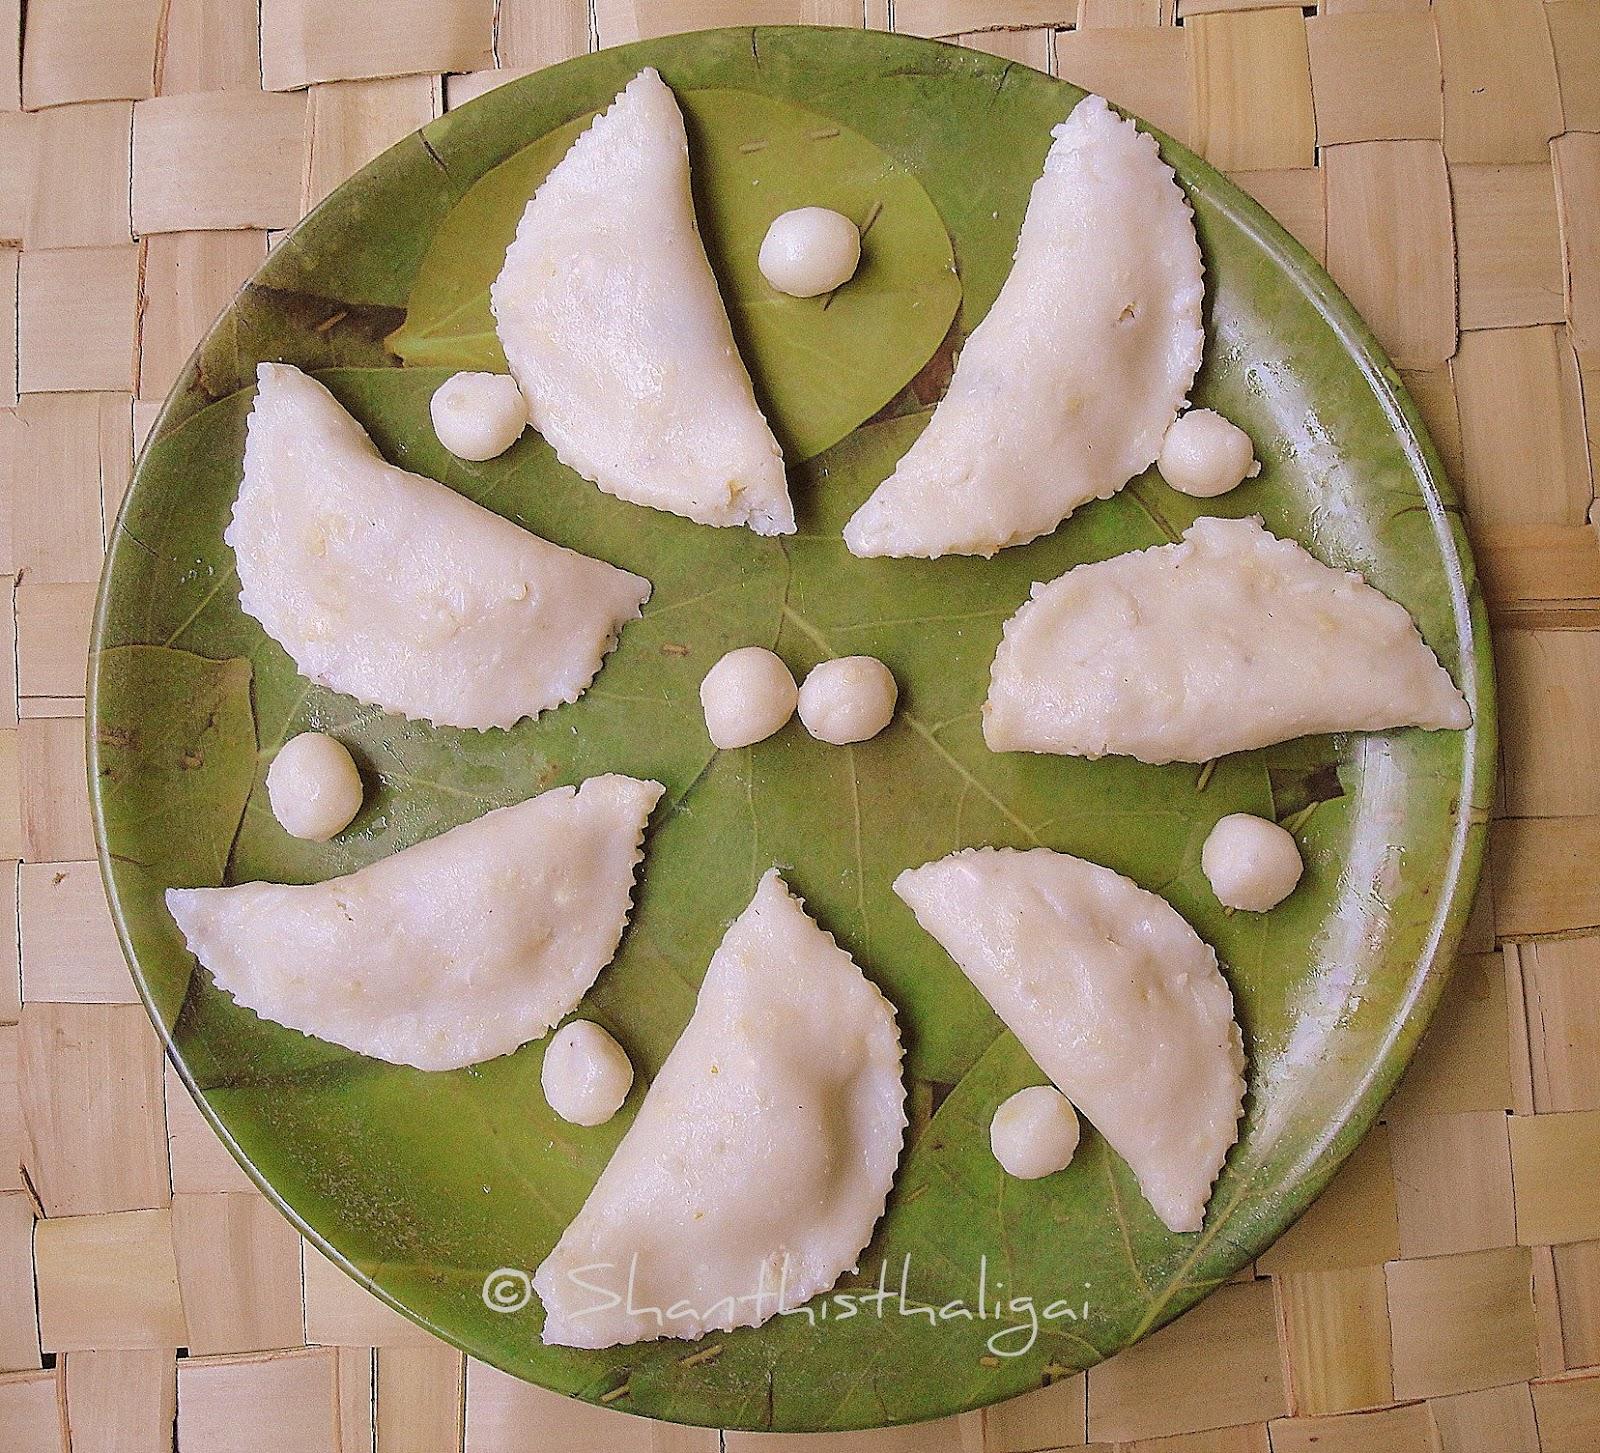 VINAYAKA CHATURTHI RECIPES,How to make uppu kiozhukattai, How to make Ulundhu kozhukattai